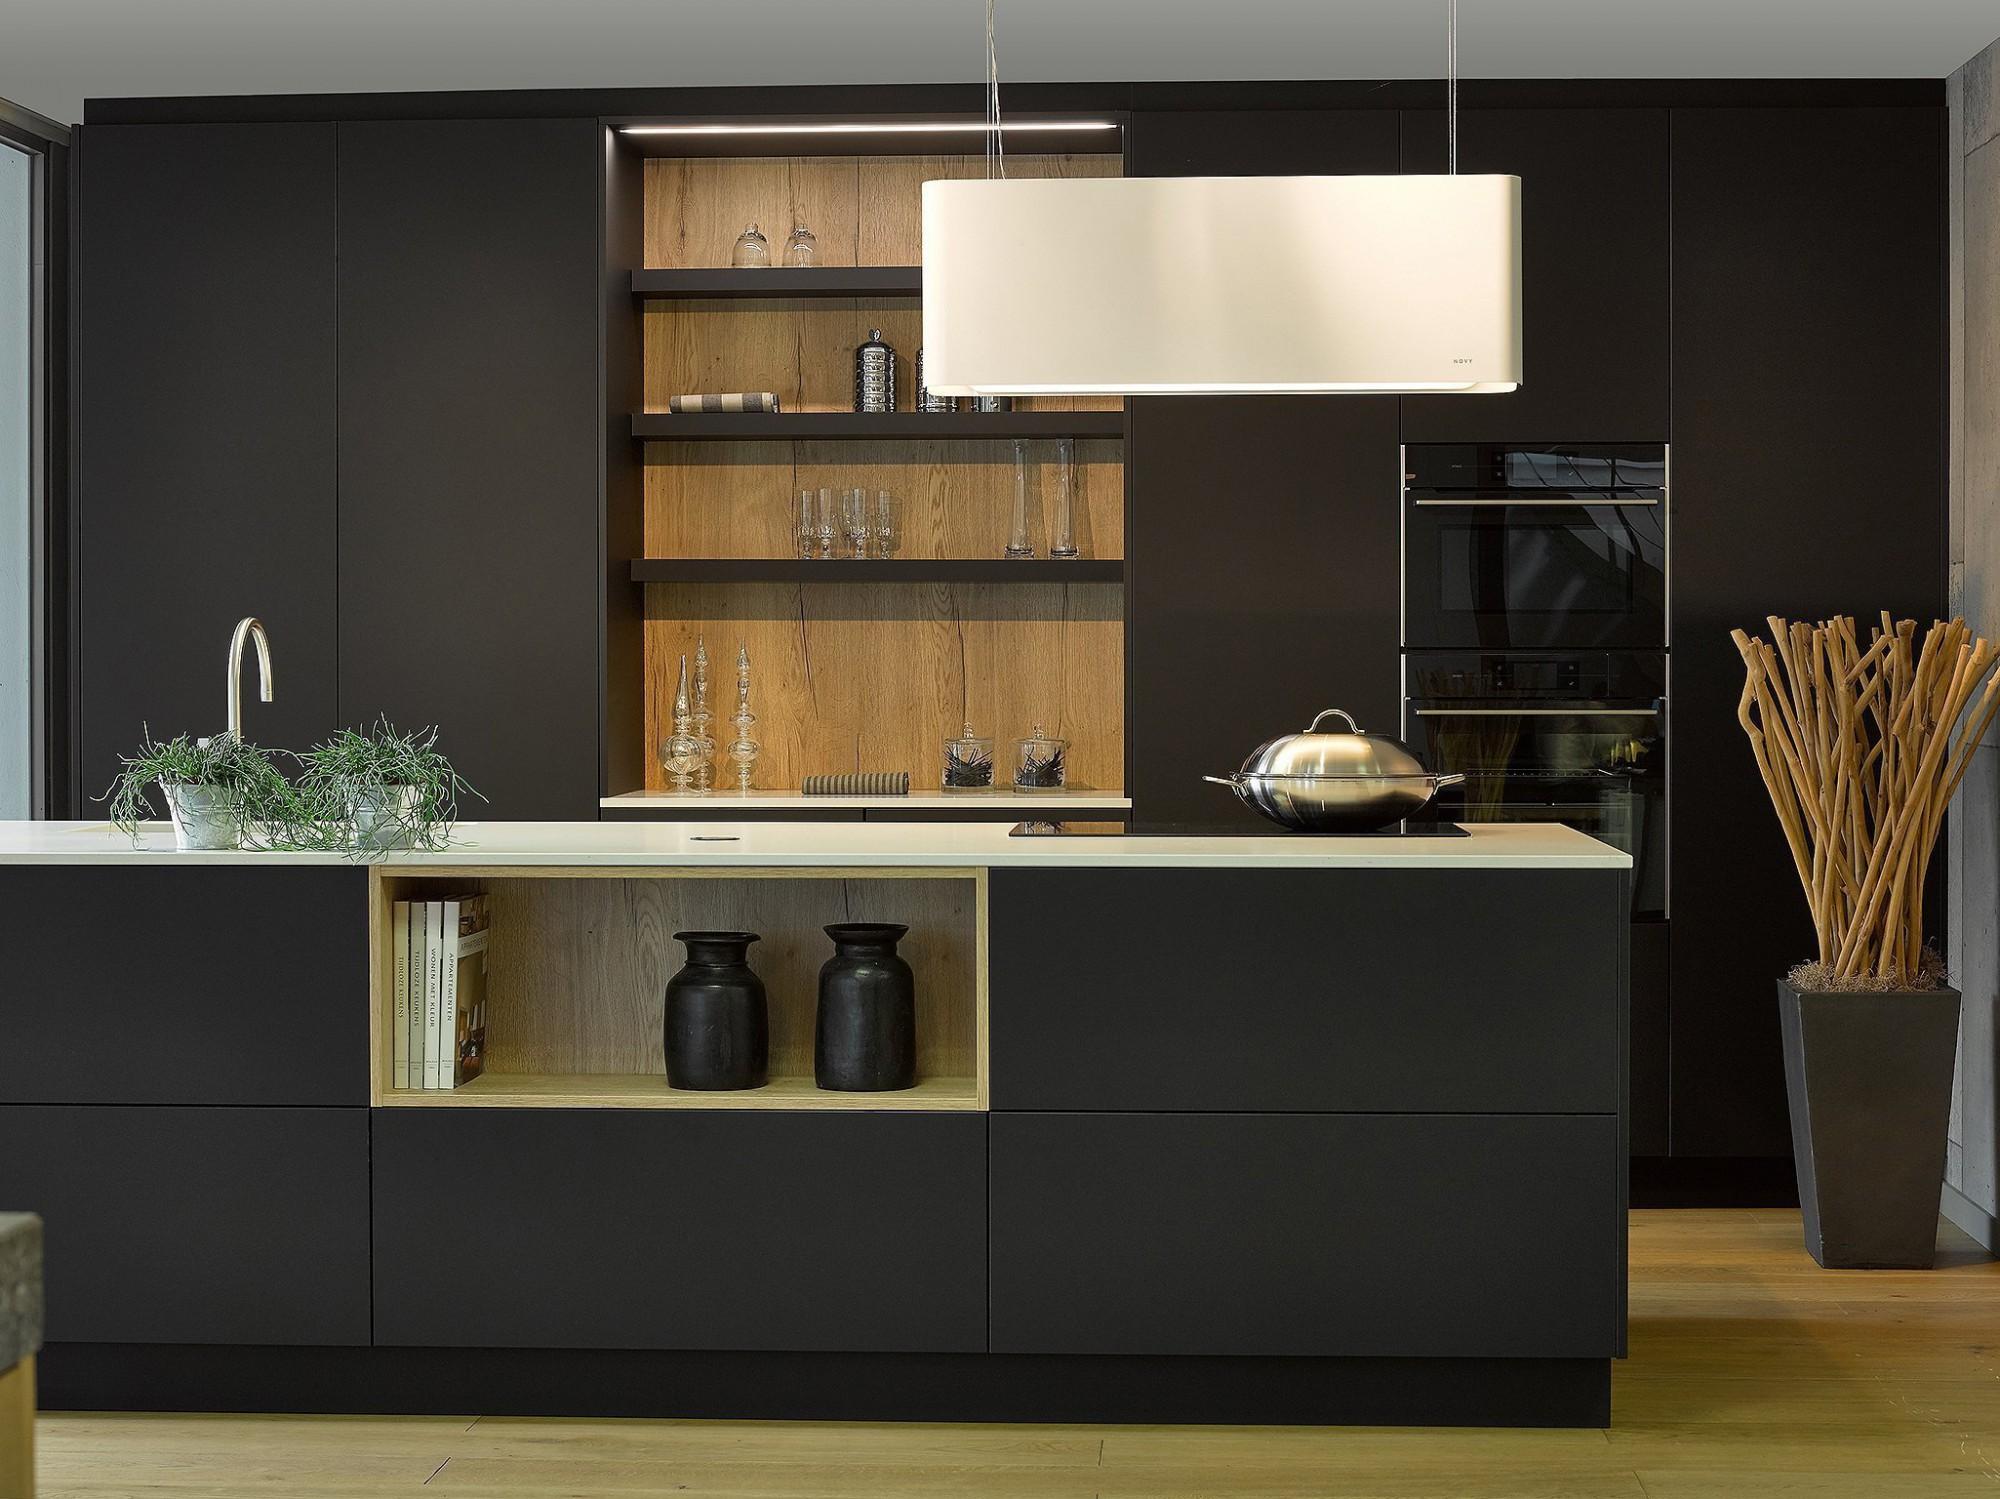 Afbeelding: Fotografie keuken modern toonzaal © Apart keukens.